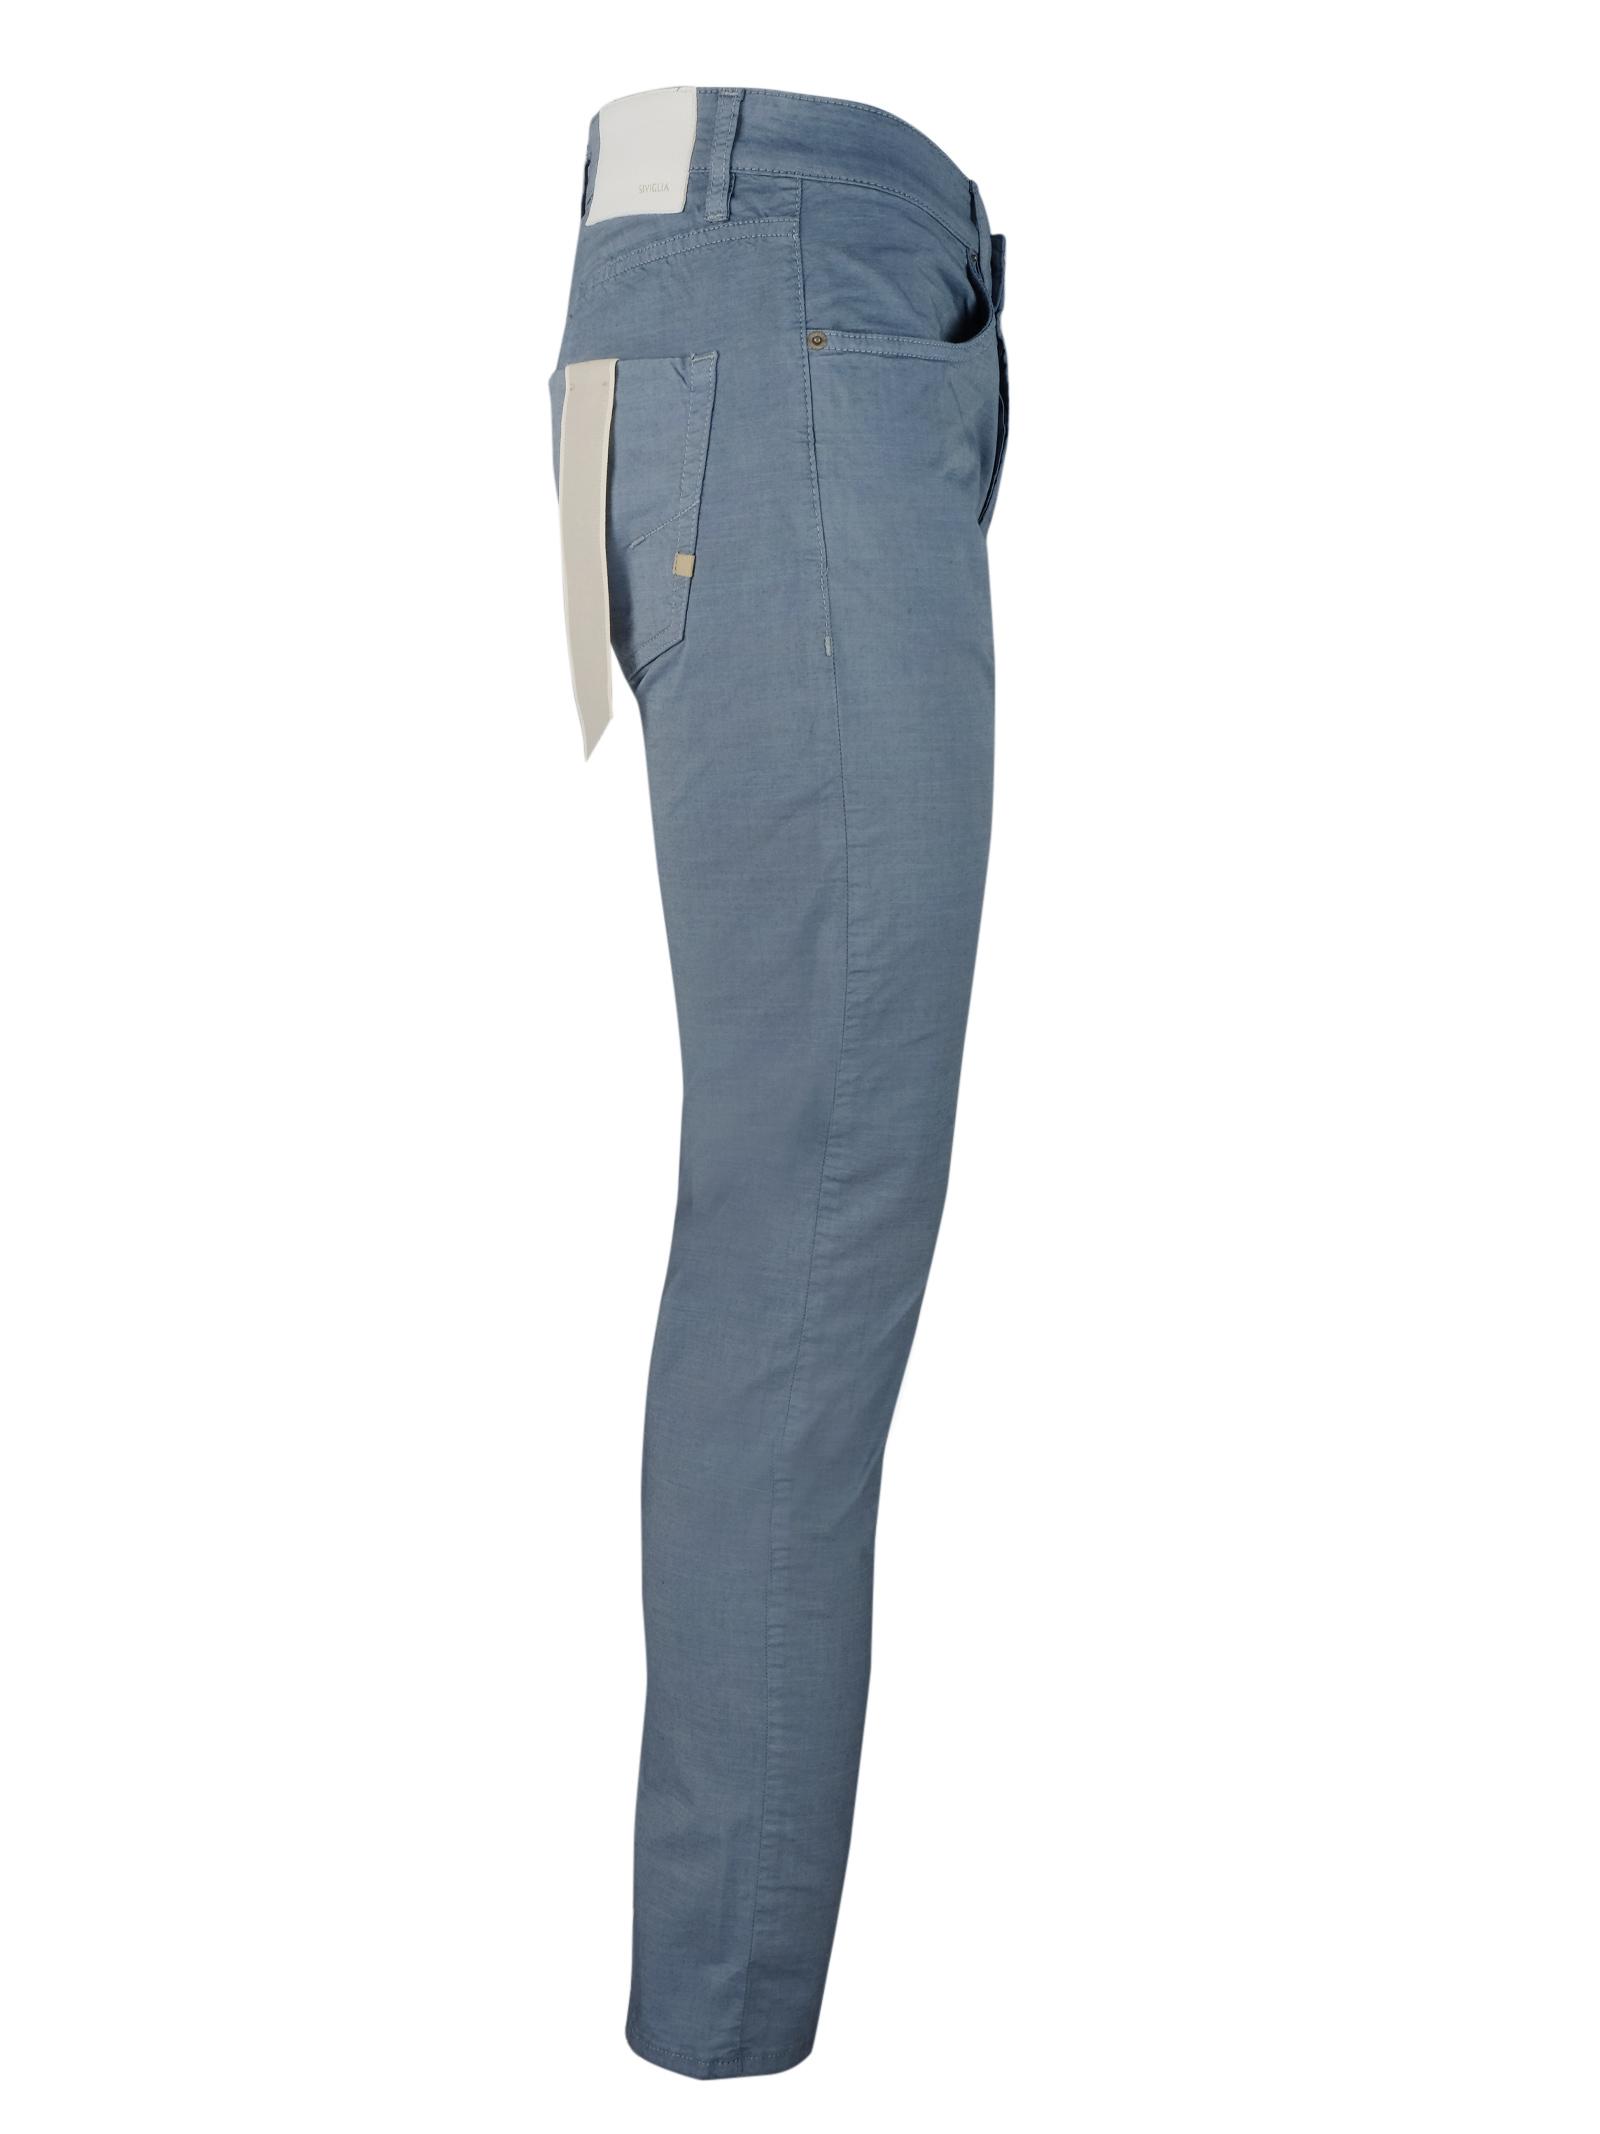 pantaloni 5 tasche in coton SIVIGLIA   Pantaloni   MQ2005 80280826